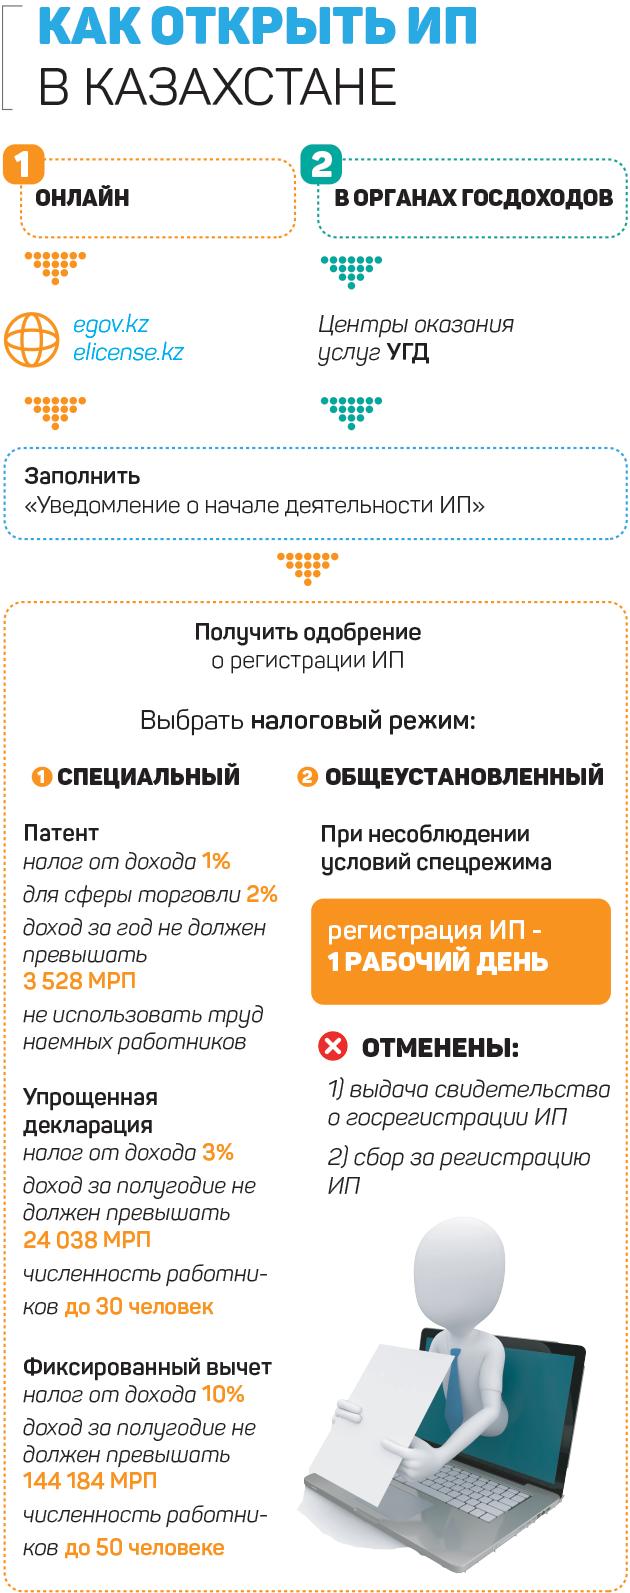 Порядок регистрации ип казахстан государственный пошлины для регистрации ооо